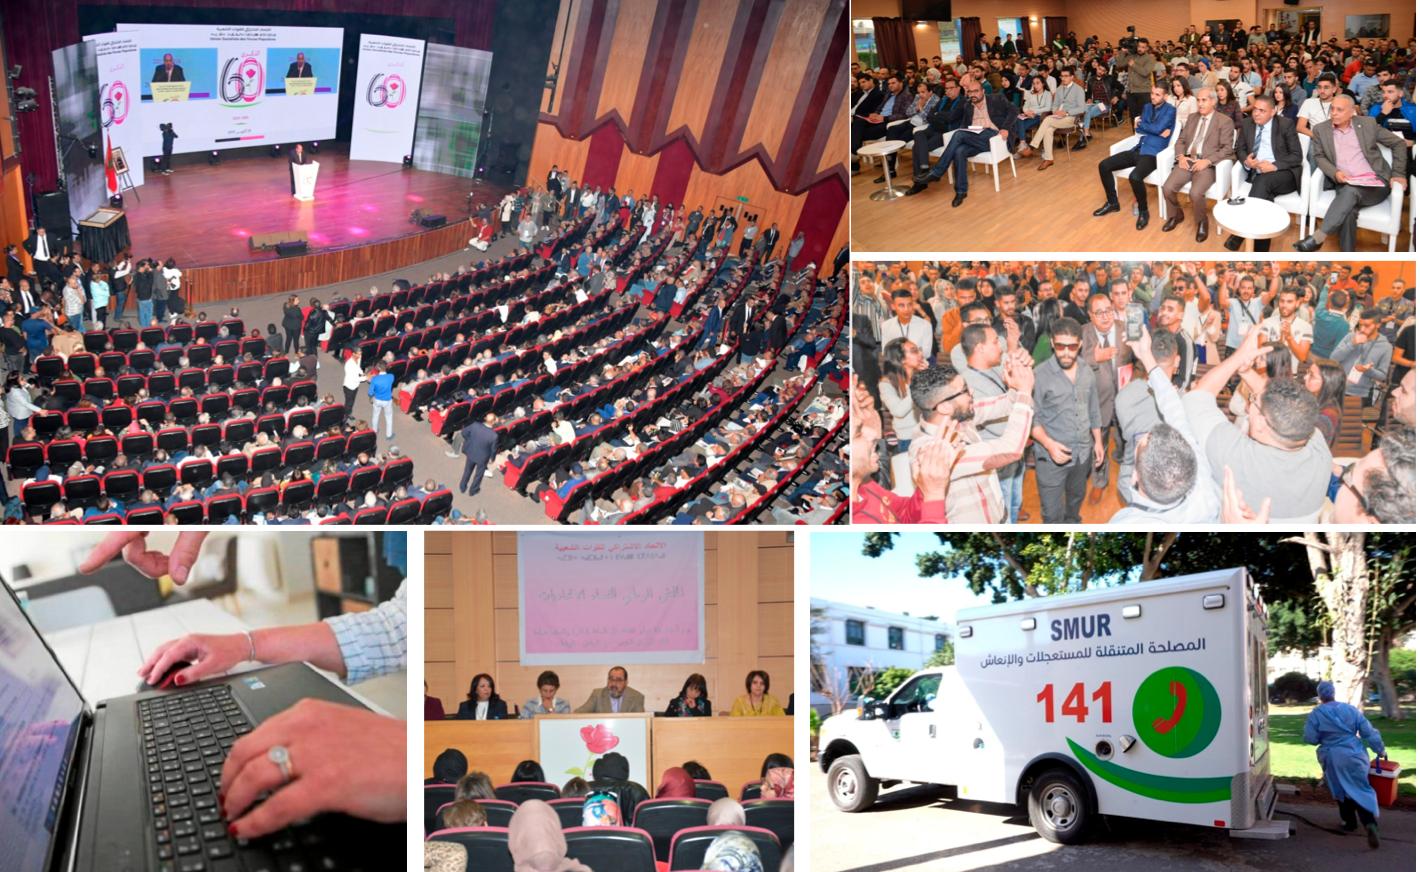 Document-évènement  : Plateforme d'orientation pour l'encadrement du dialogue ittihadi concernant la conjoncture actuelle